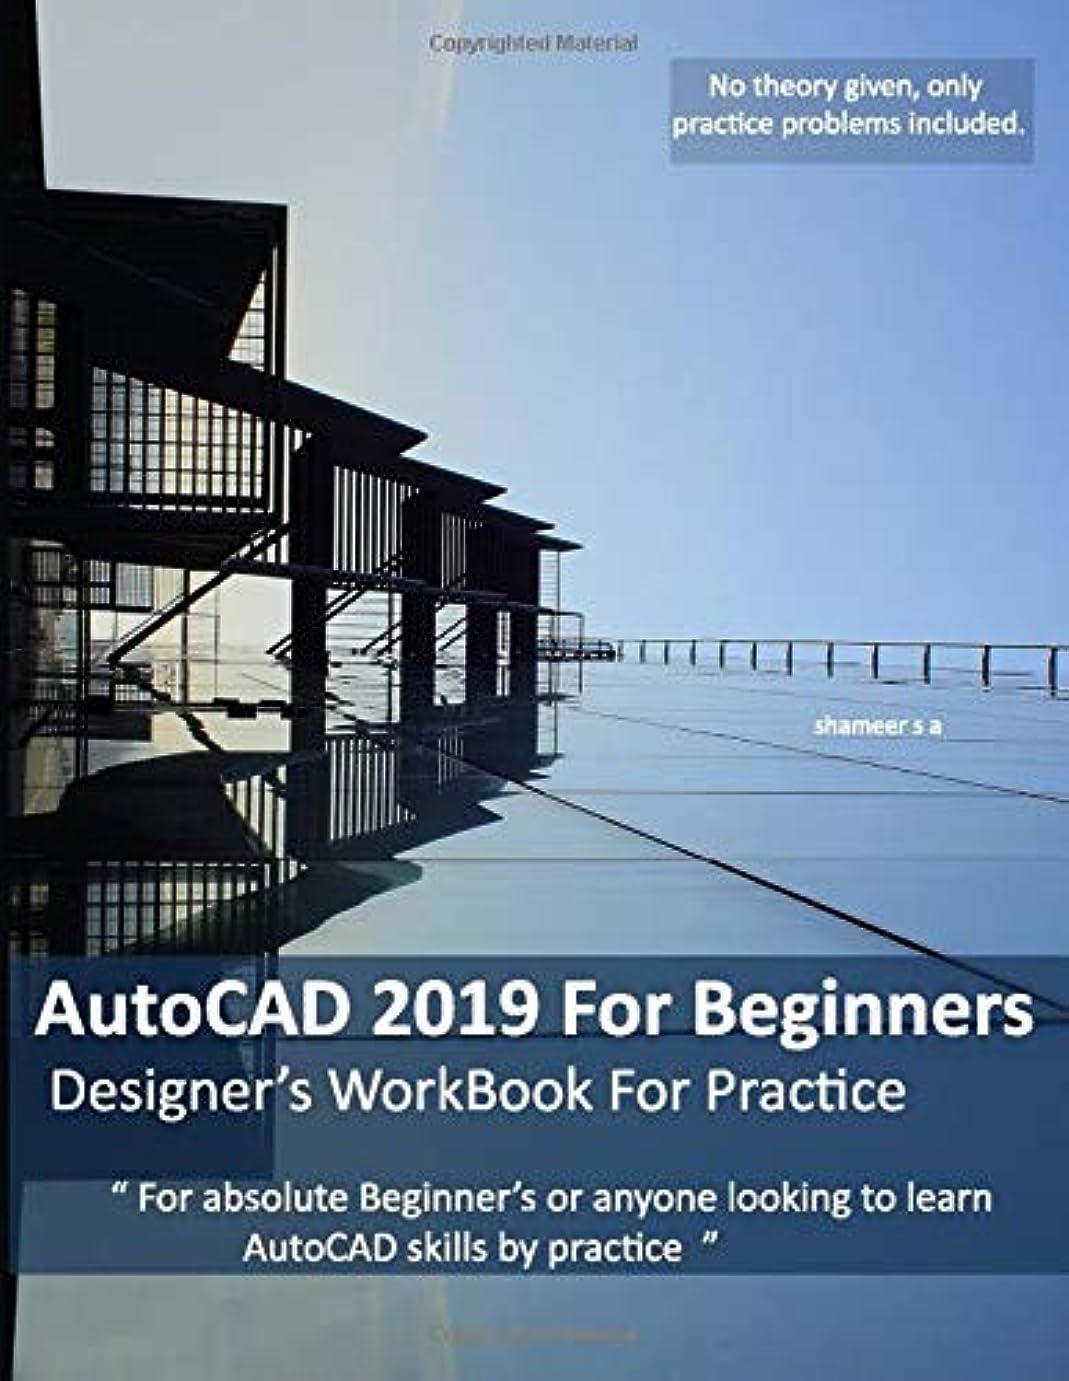 悲惨飽和する溶融AutoCAD 2019 For Beginners : Designers WorkBook For Practice